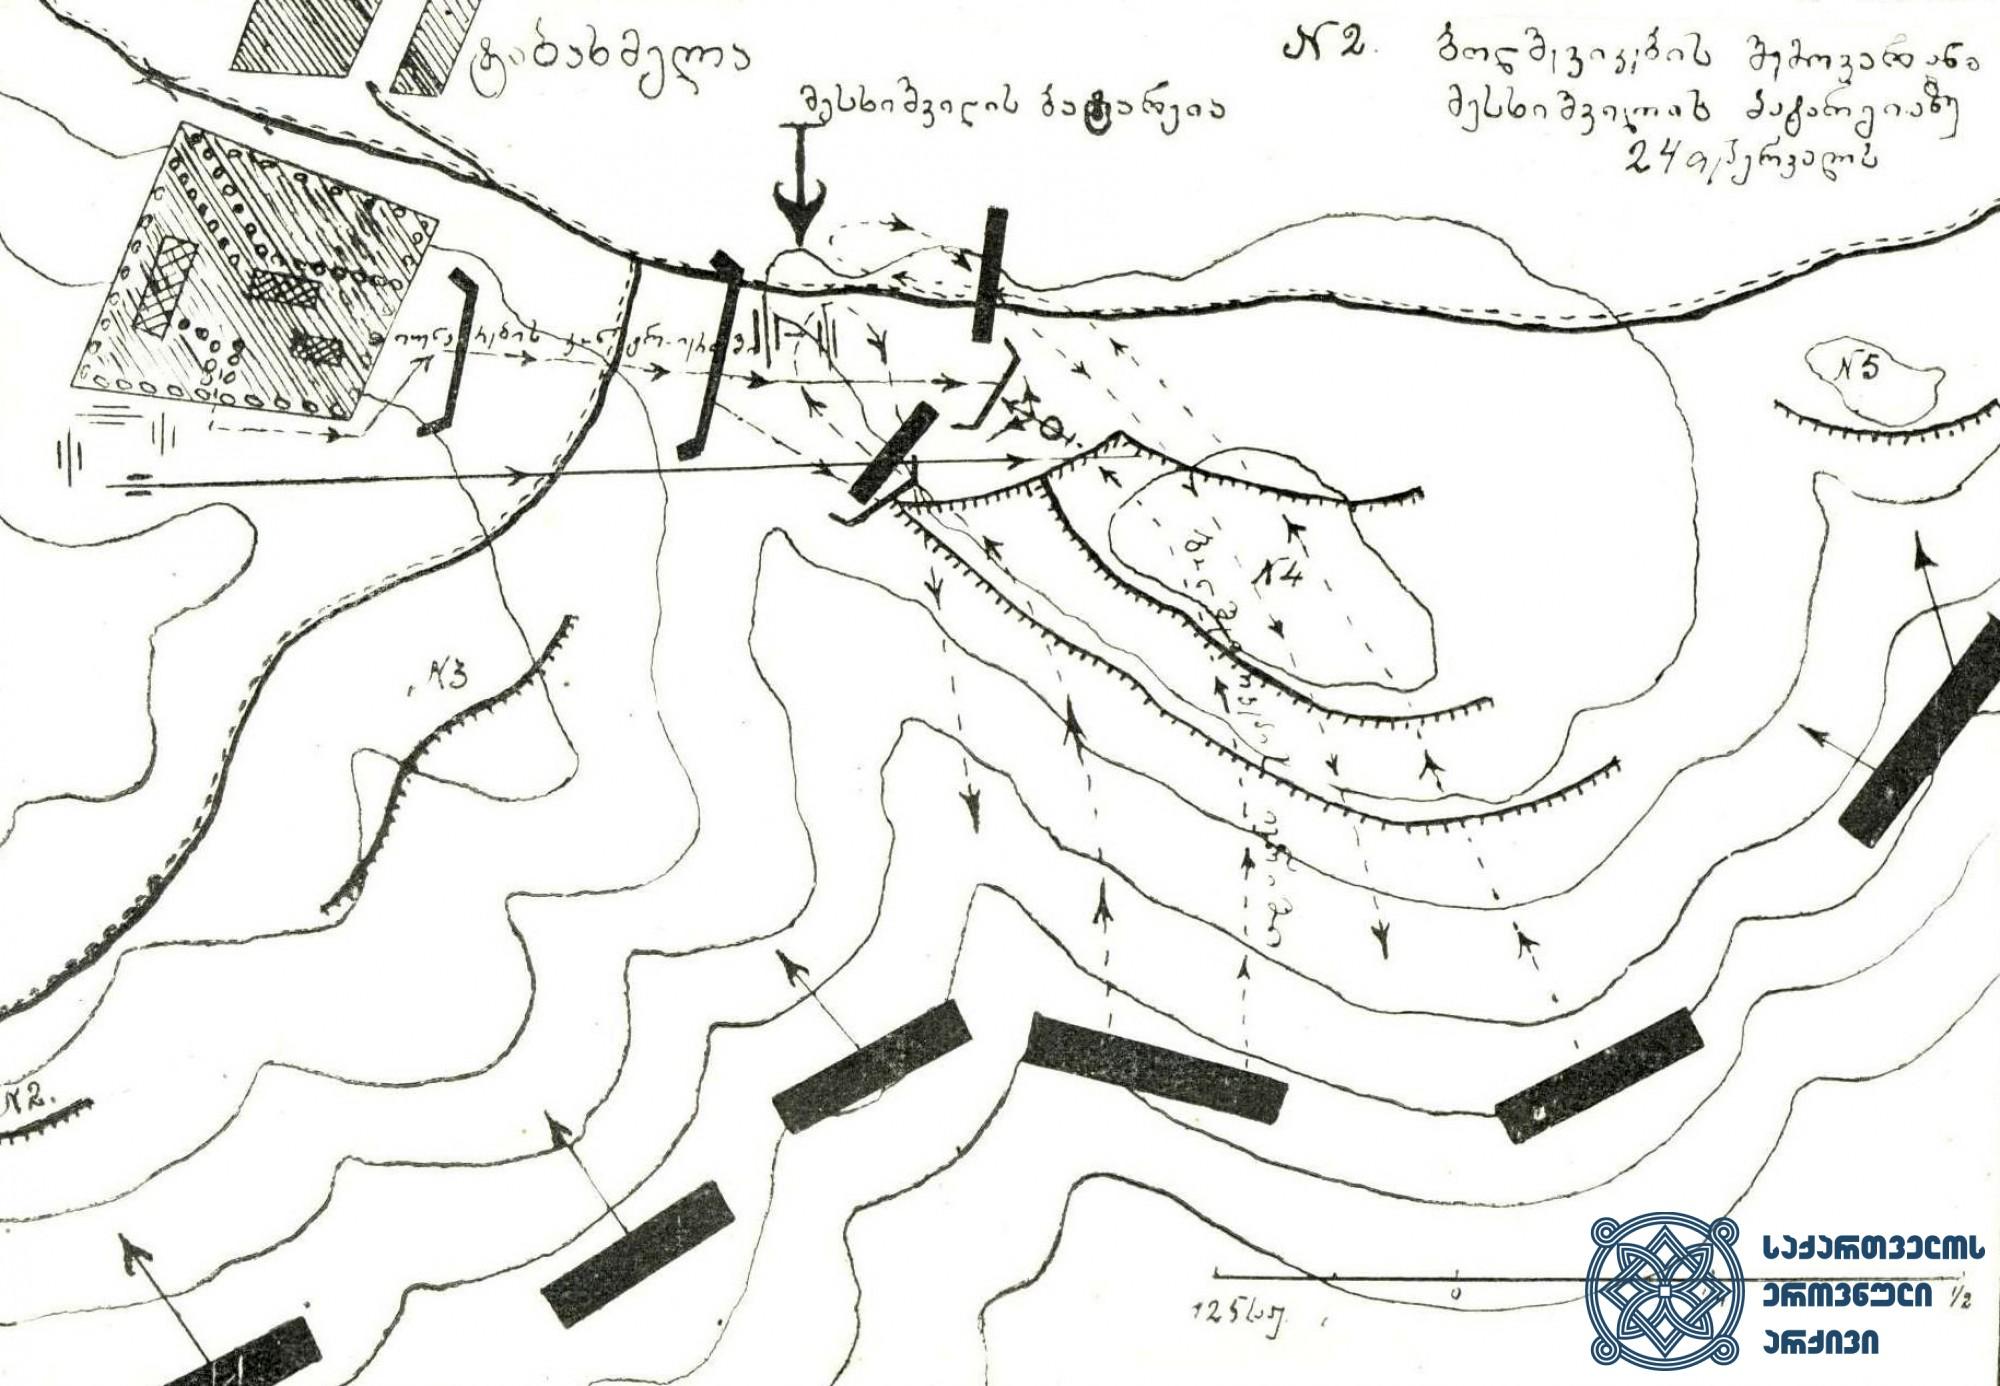 1921 წლის 24 თებერვალს ტაბახმელის  N4 სანგართან მომხდარი ბრძოლის ამსახველი რუკა. <br> შედგენილია პოლკოვნიკ (შემდგომში პოლონეთის არმიის ბრიგადის გენერლის) ალექსანდრე ჩხეიძის მიერ. <br>  A map depicting the battle of Tabakhmela Sangar N4 on February 24, 1921. <br>  Compiled by Colonel (later General of the Polish Army Brigade) Aleksander Chkheidze. <br>